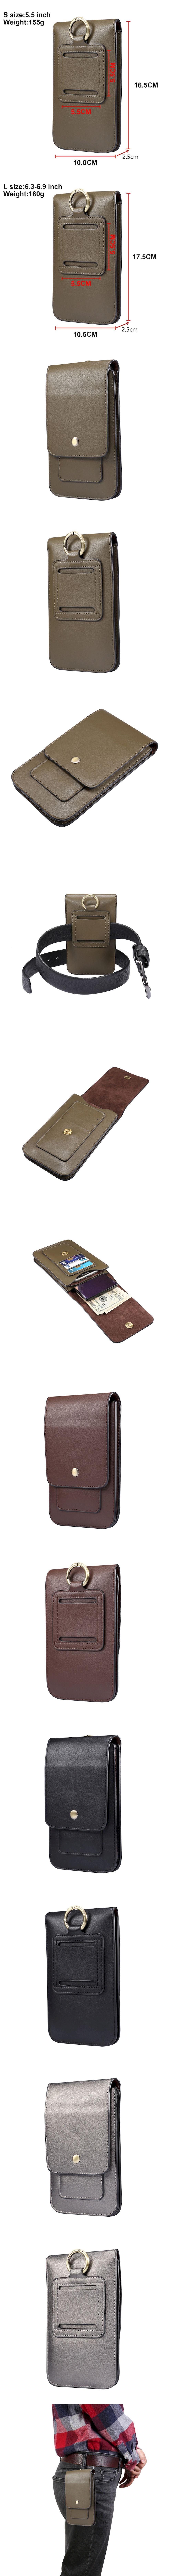 510-直式腰包-牛皮真皮手機腰包繫皮帶腰包雙手機腰包五金扣帶